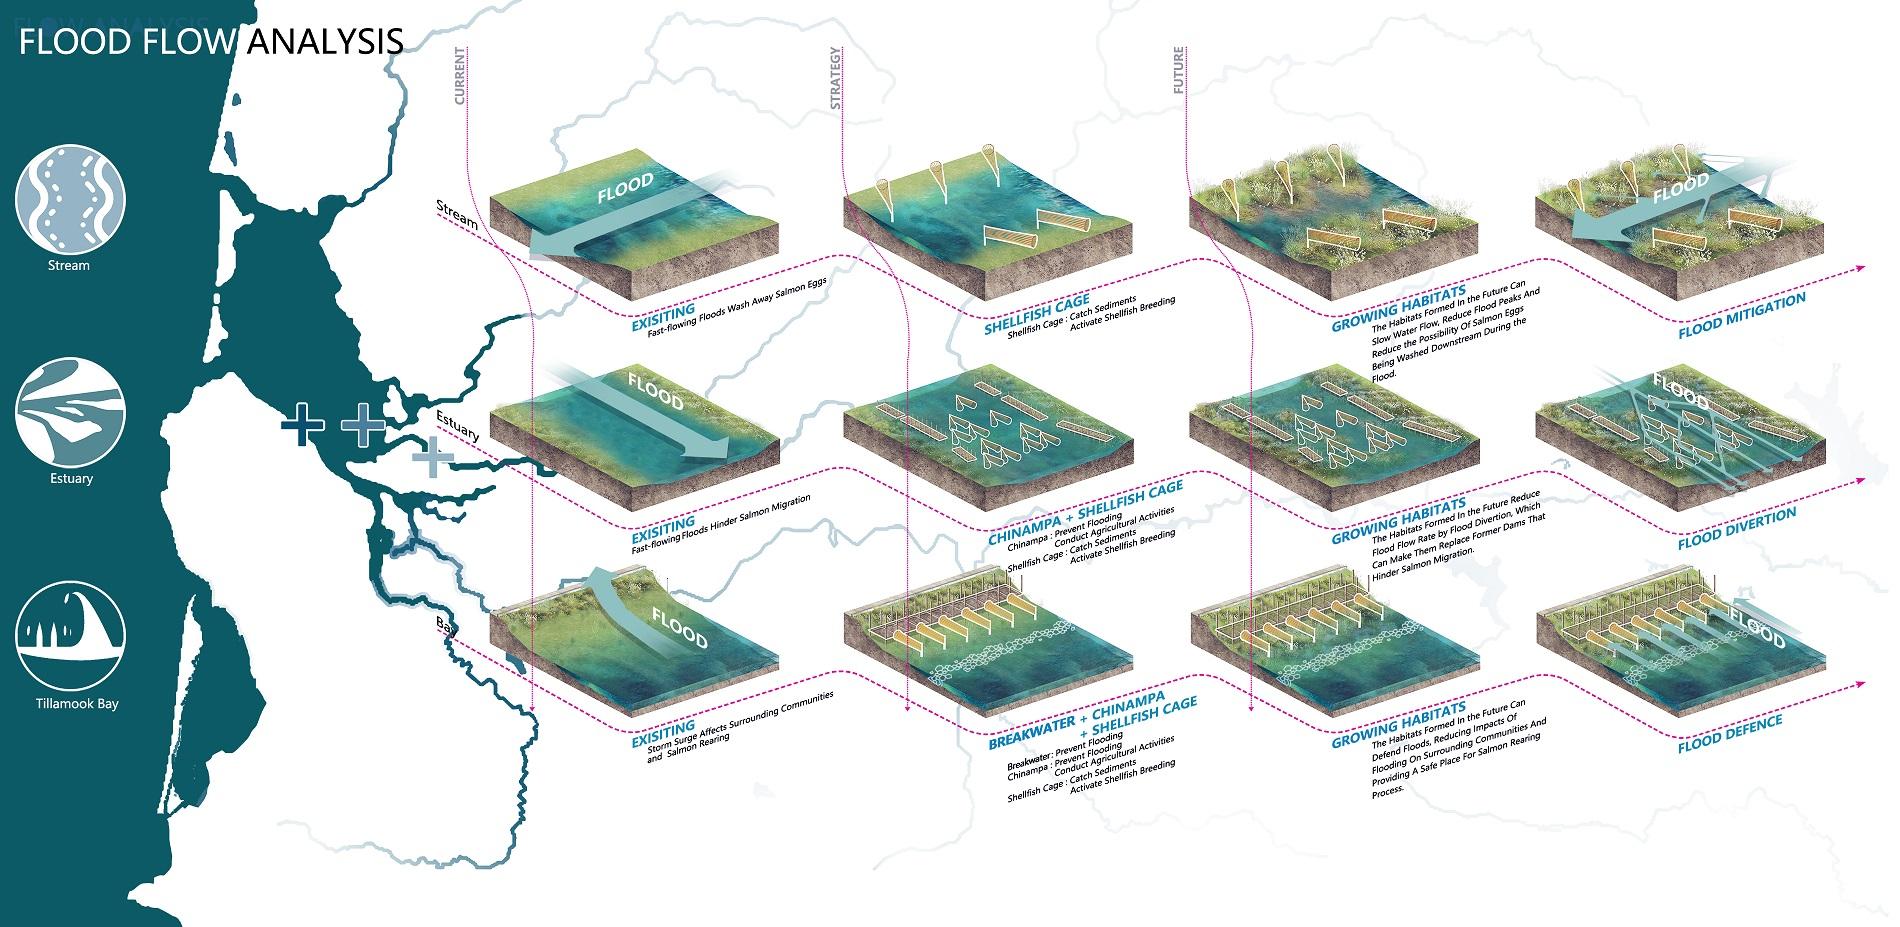 Flood flow analysis